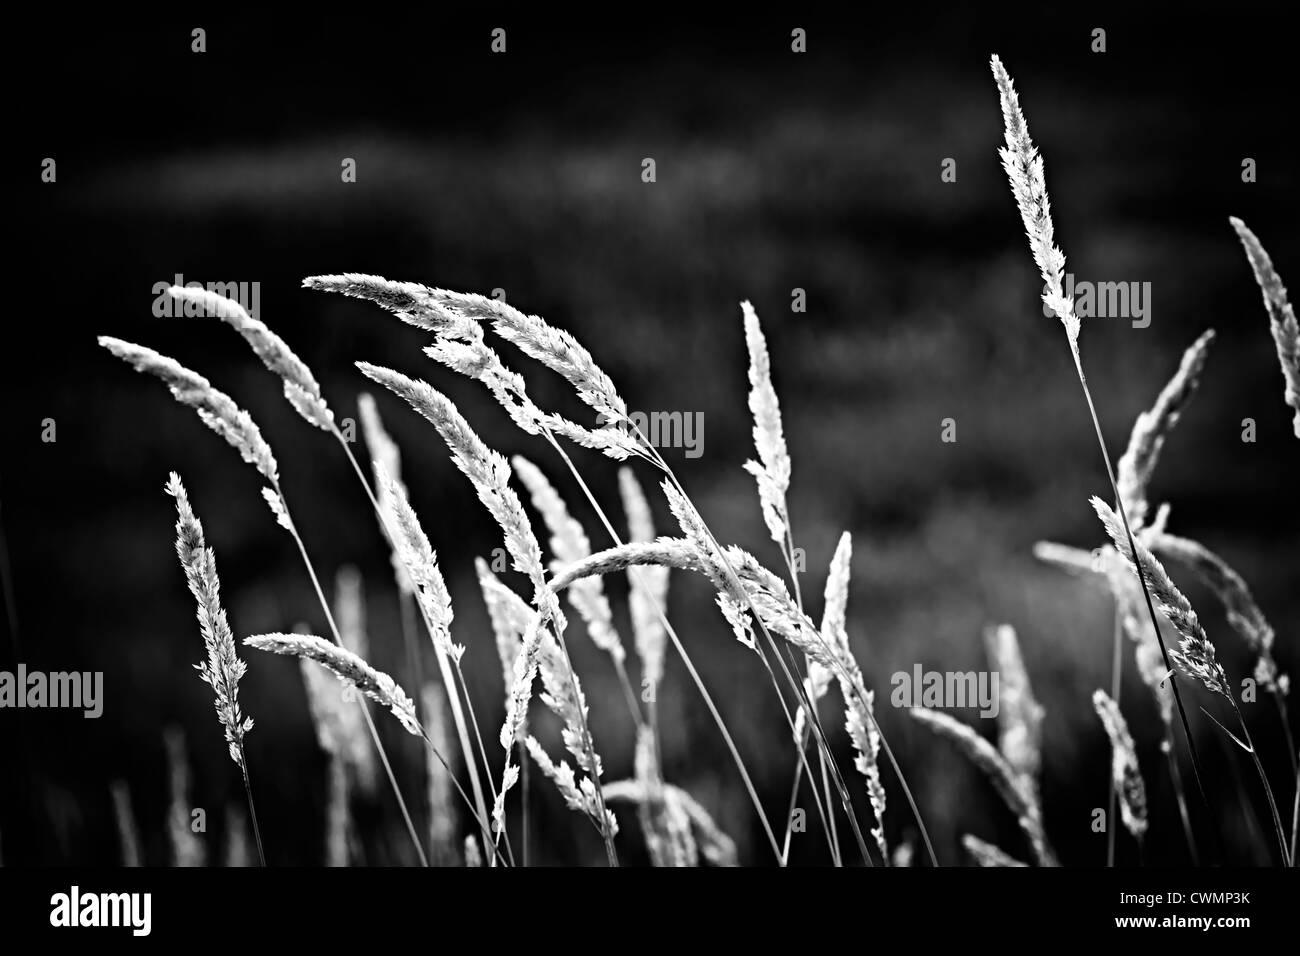 Hohe Wilde Gräser Stiele wachsen in schwarz / weiß Stockbild